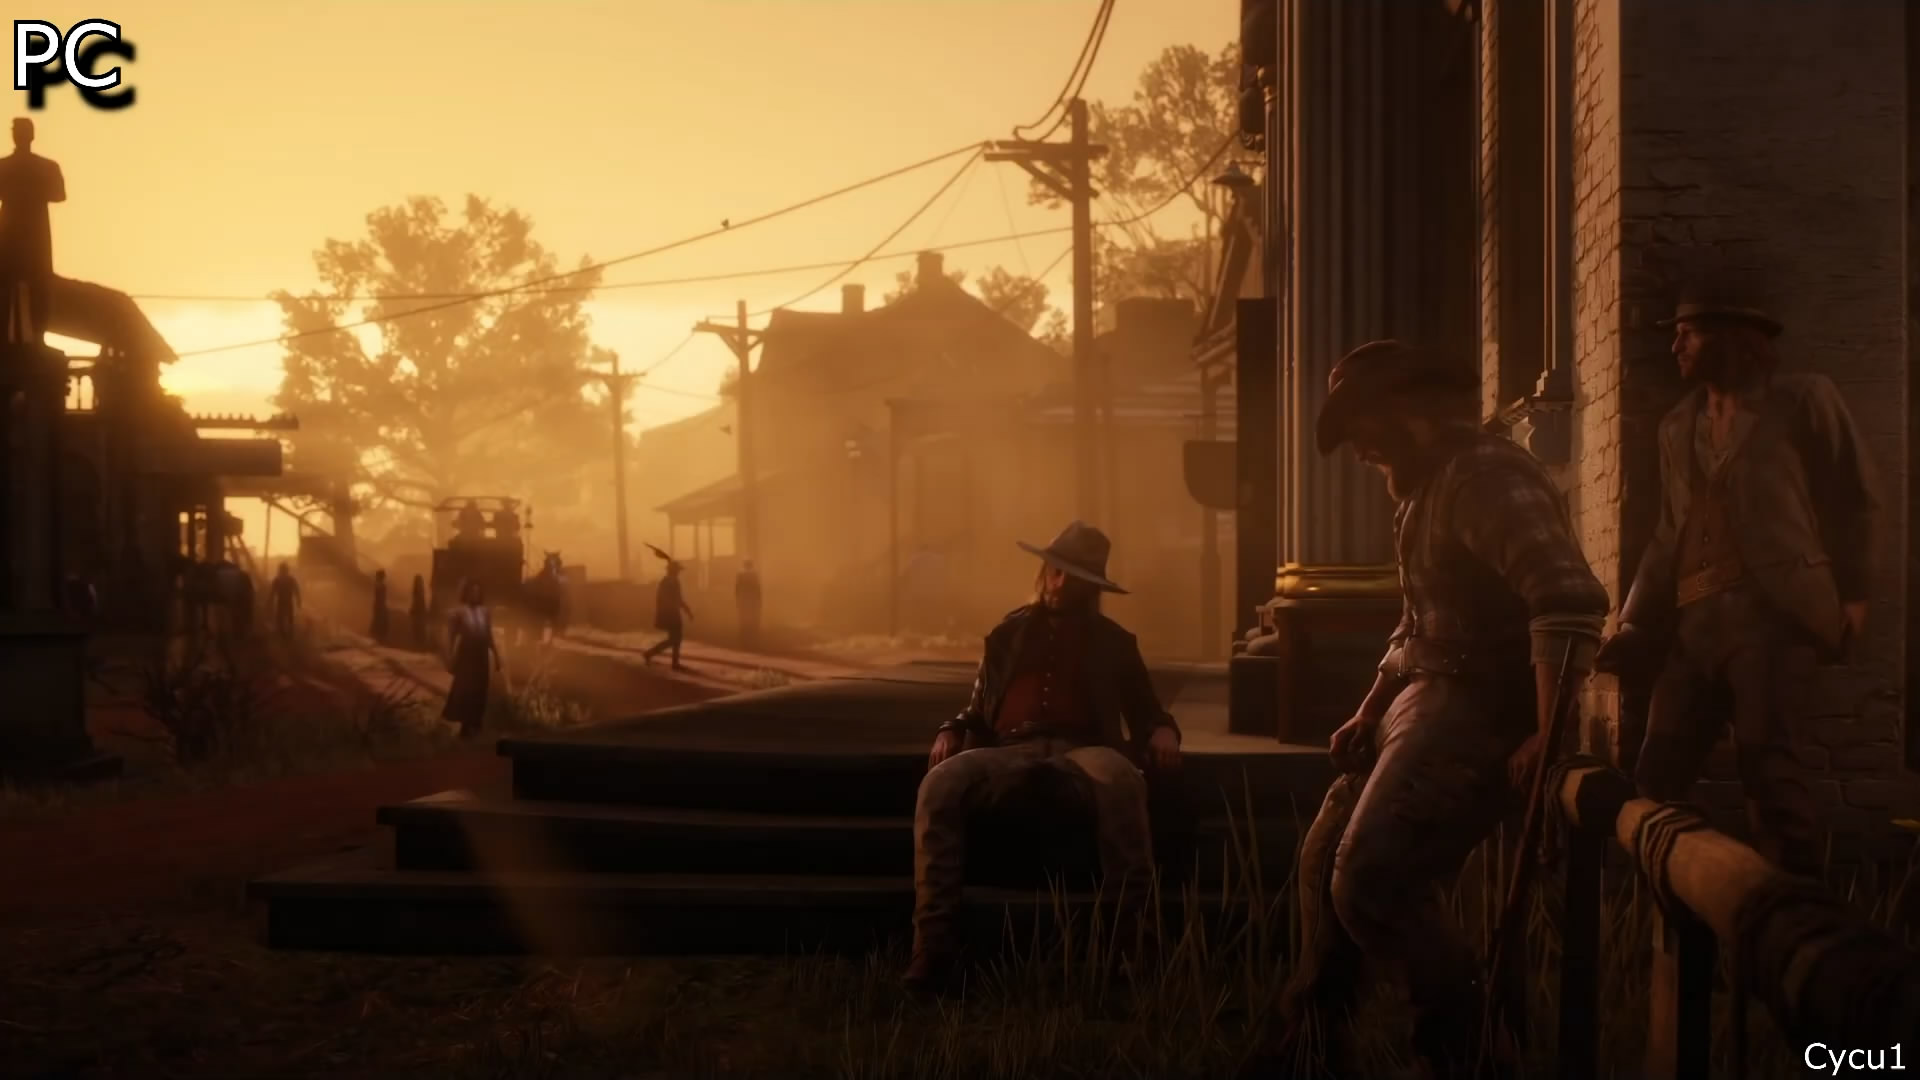 《荒野大镖客2》PC预告与主机版场景对比 画面更美